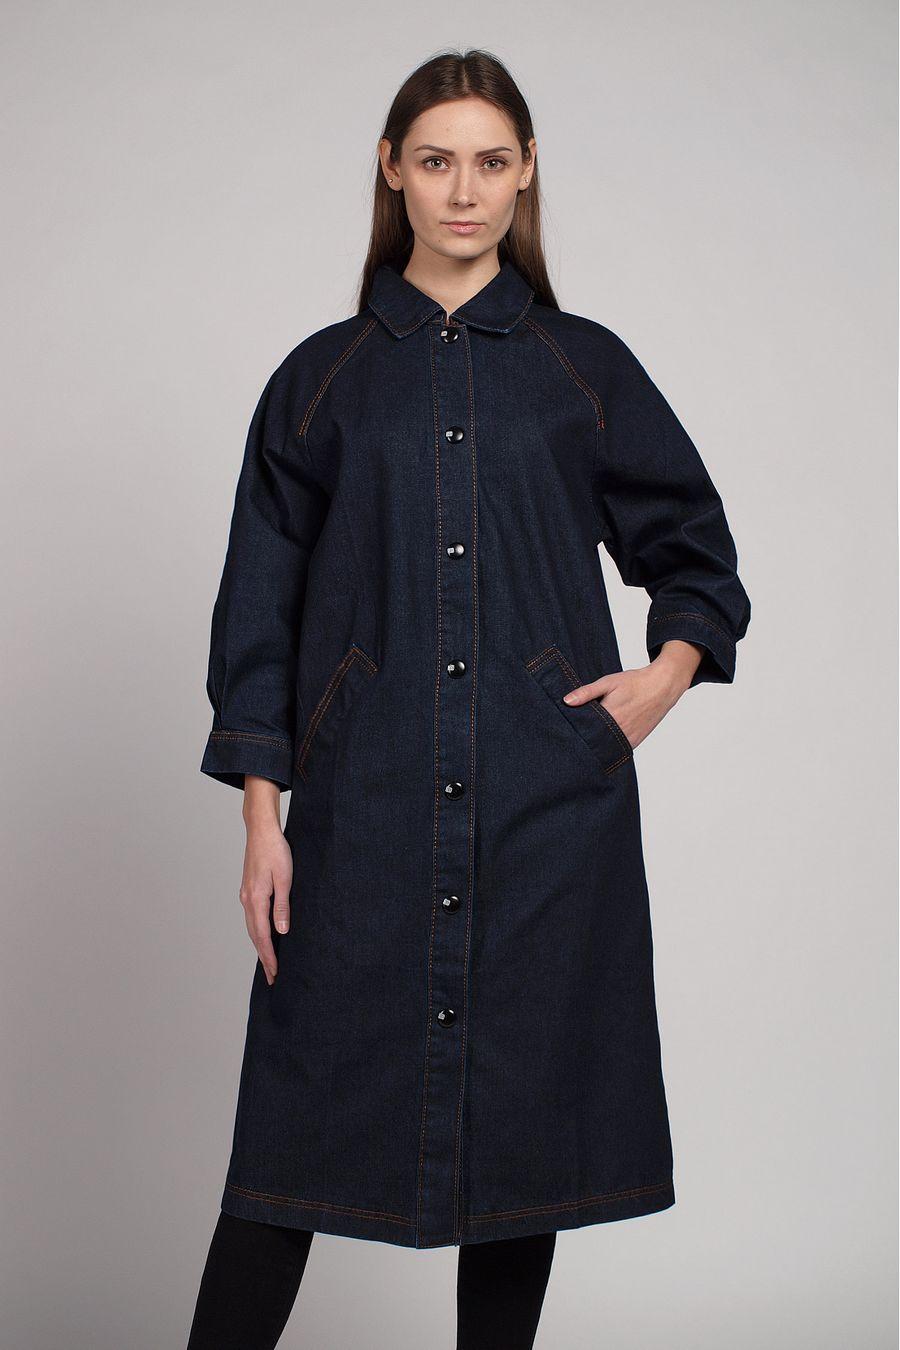 Куртка-френч женская Baccino 6116 джинсовая - фото 1